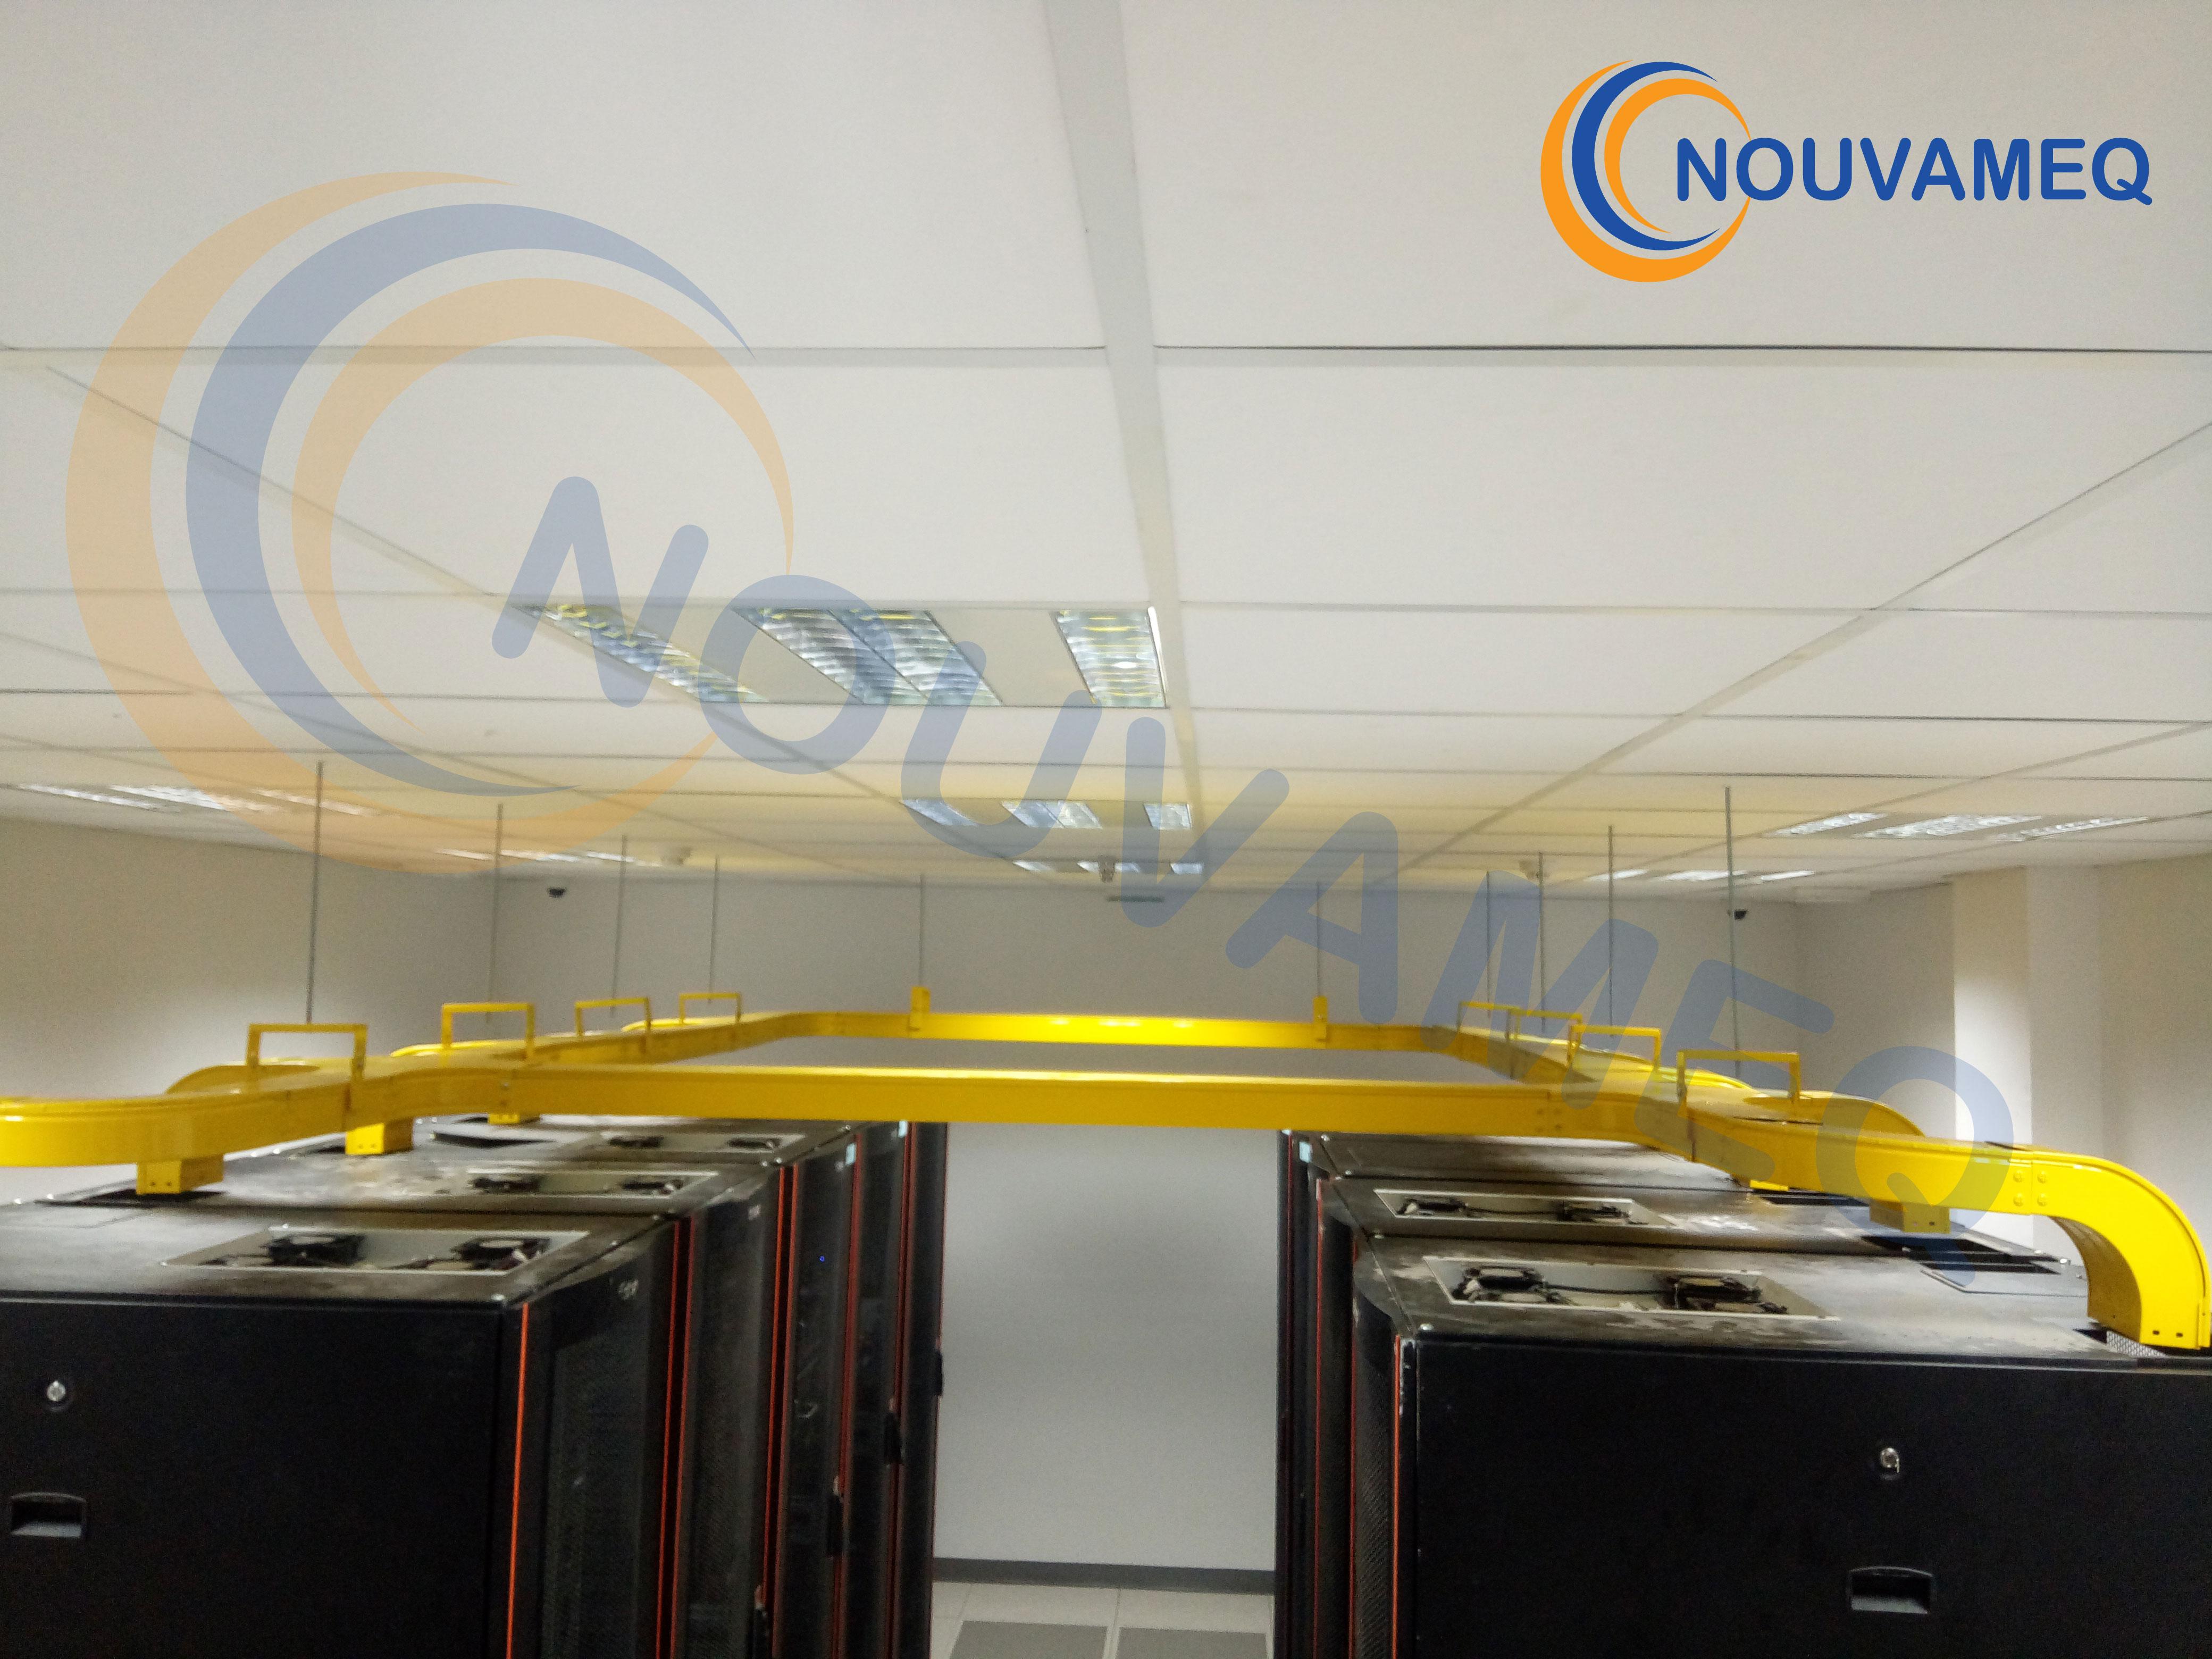 chambre-data-center-nouvameq-tunisie-2